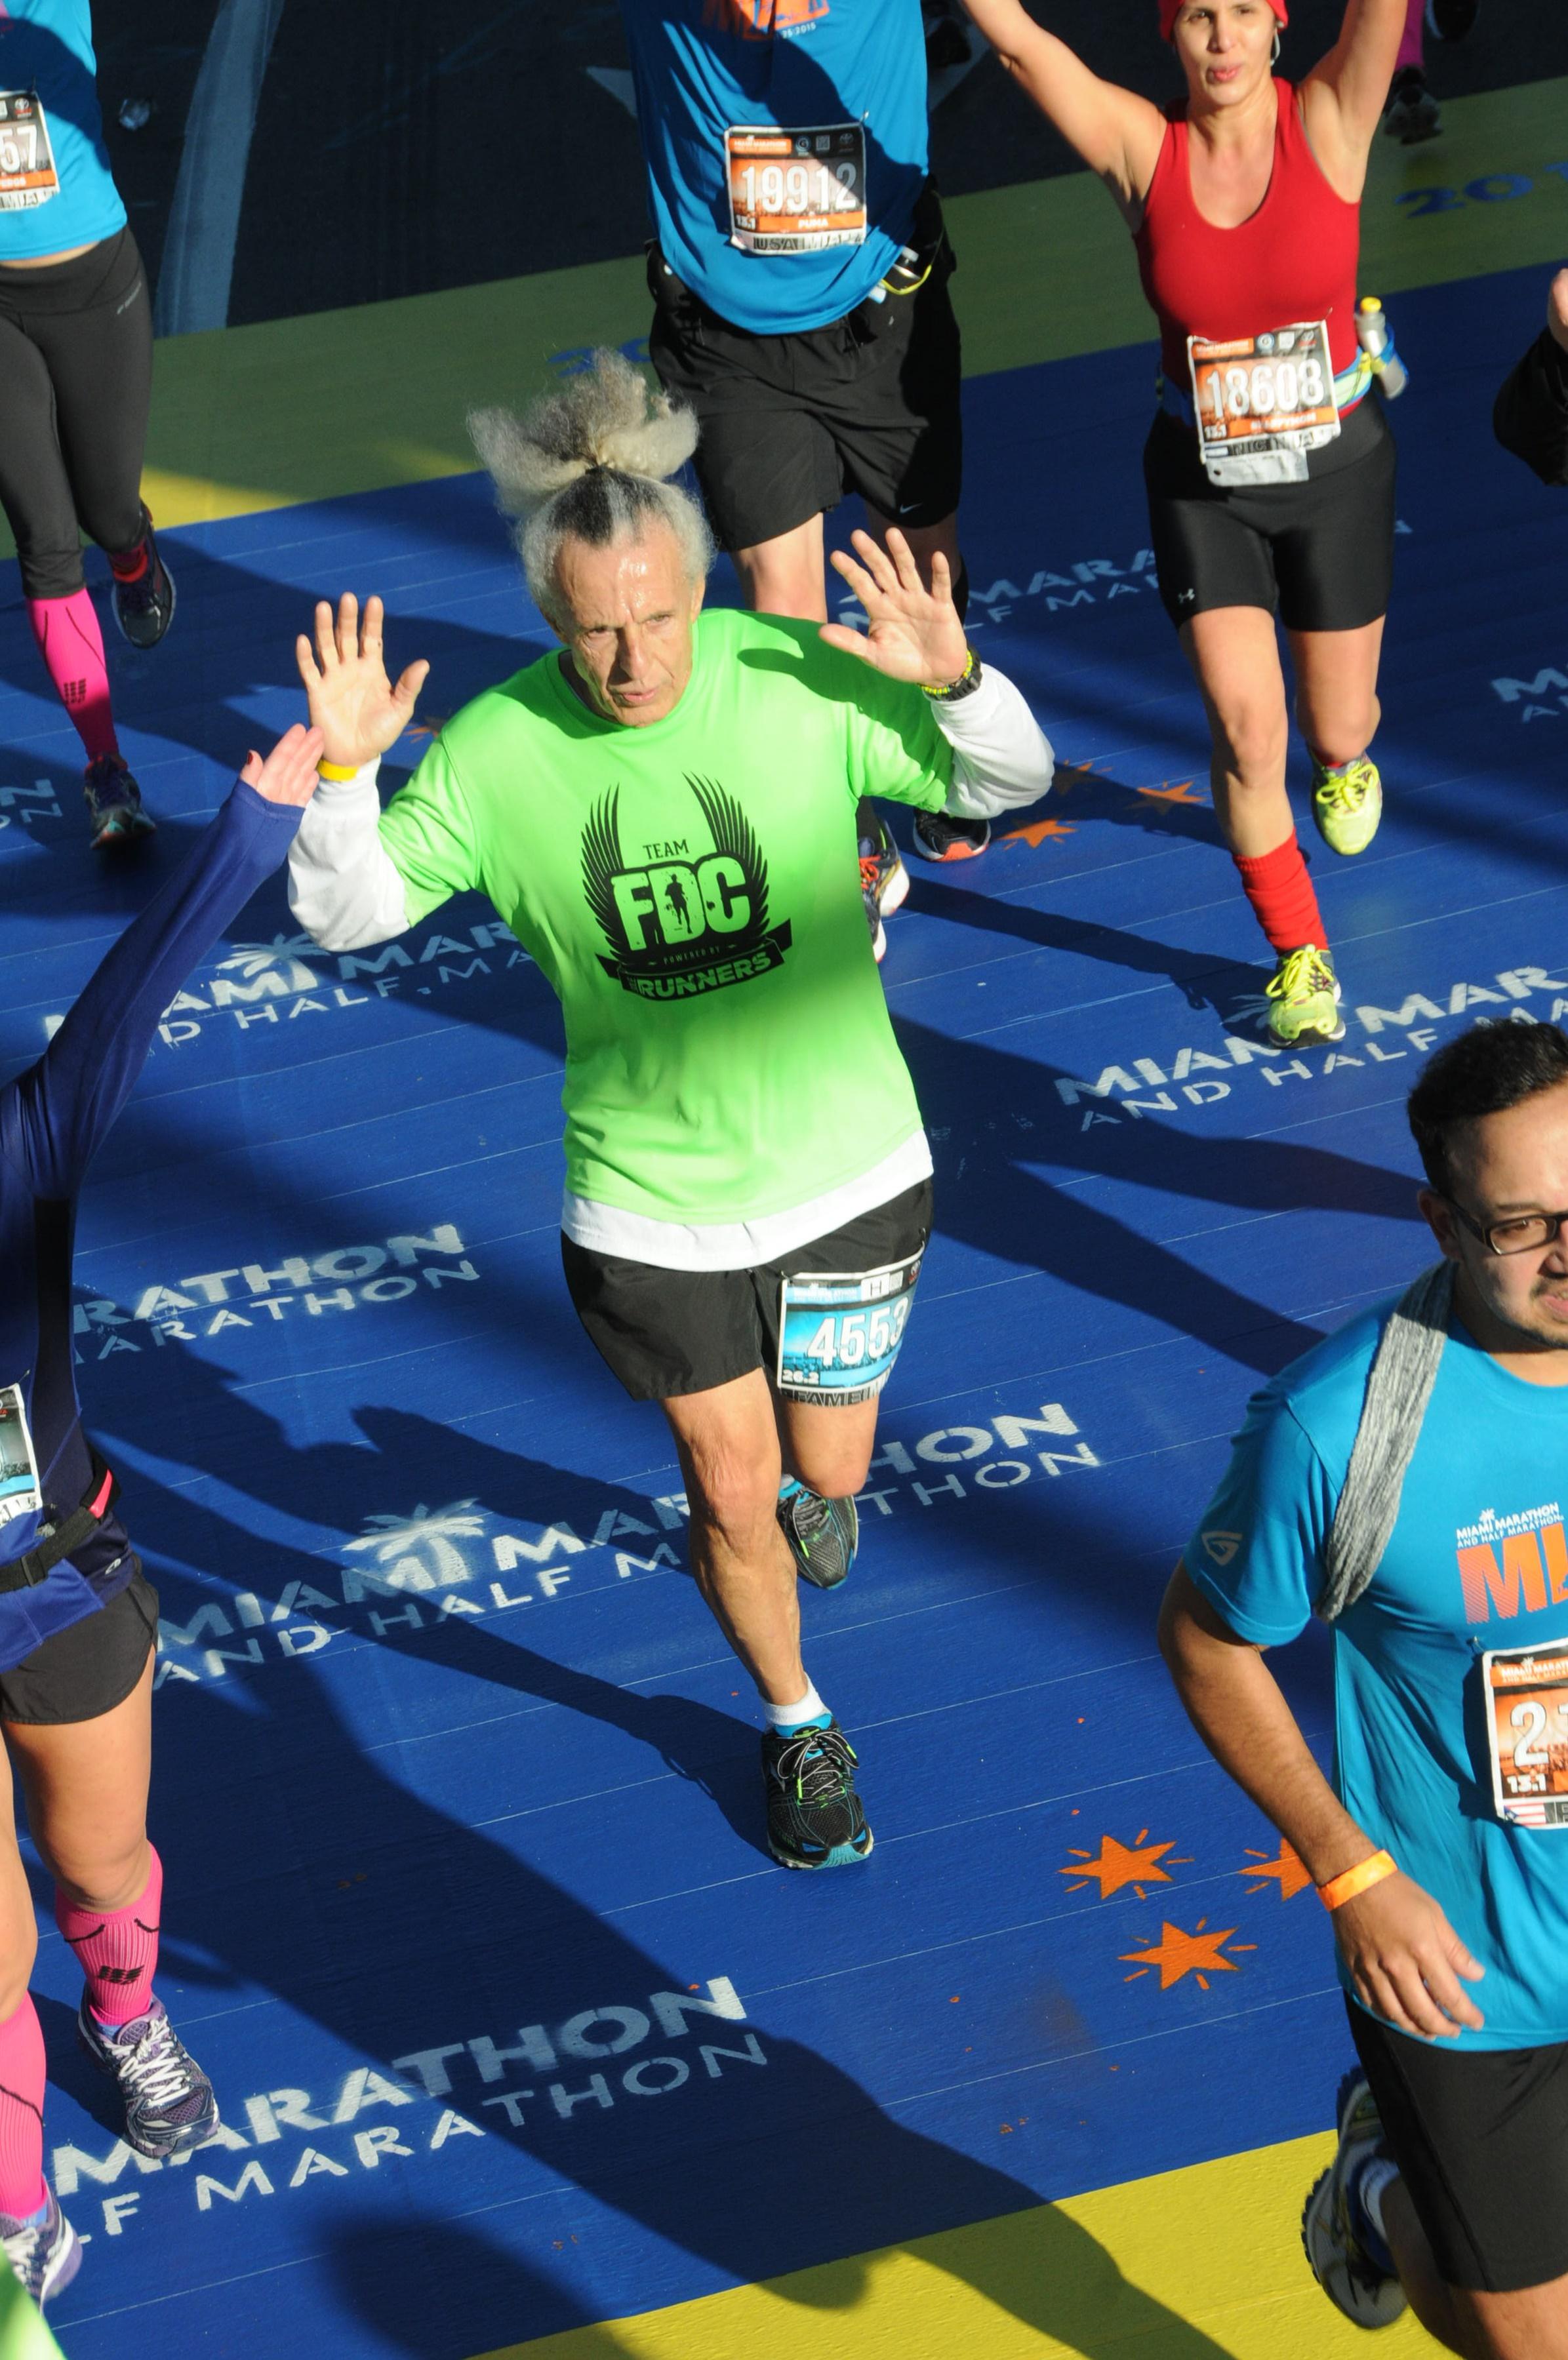 miami-marathon-4.jpg